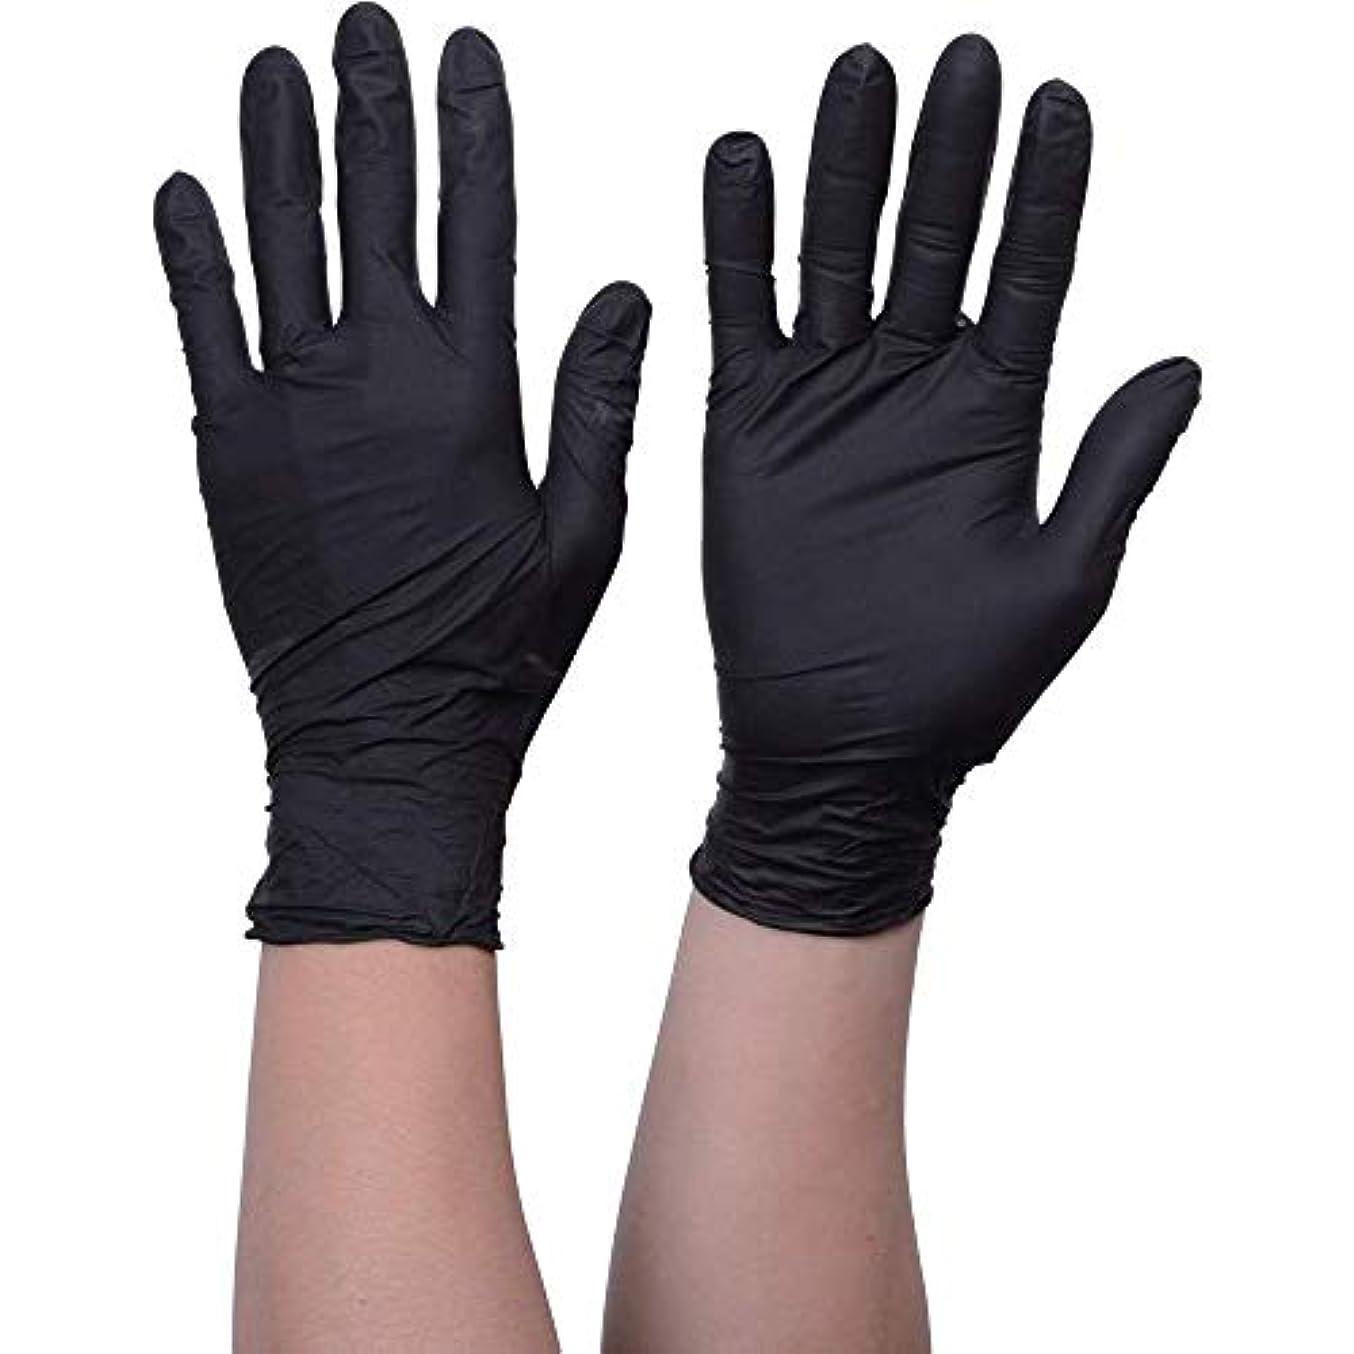 充実ホイットニー生ニトリル手袋 使い捨て手袋防水耐油耐久性が強い上に軽く高品質ブラック100枚入